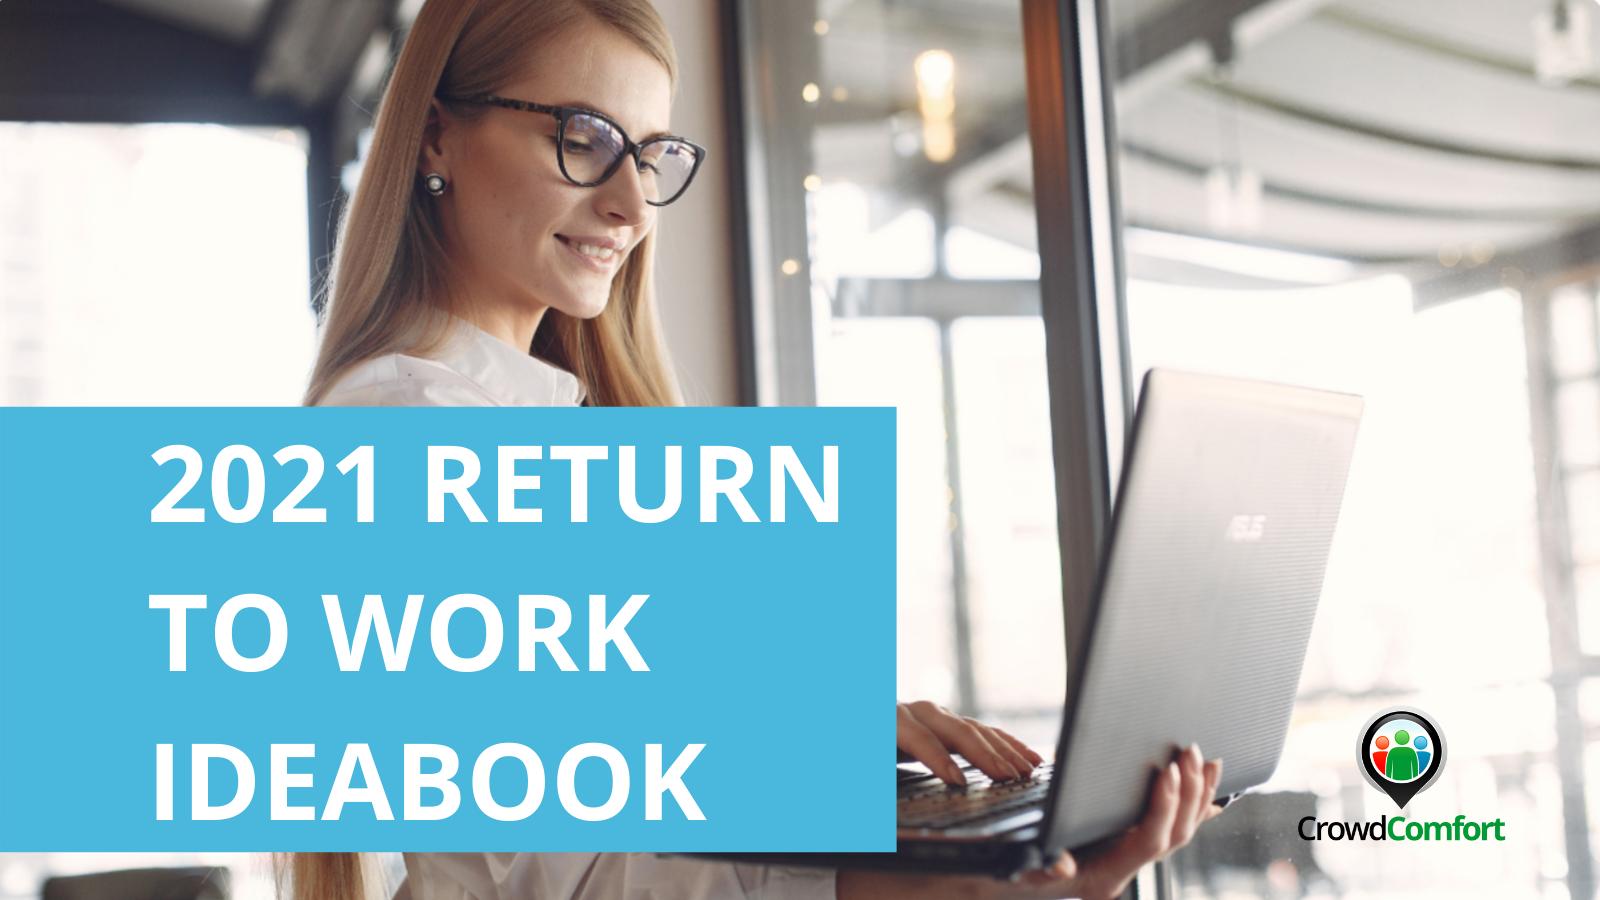 2021 Return to Work Ideabook